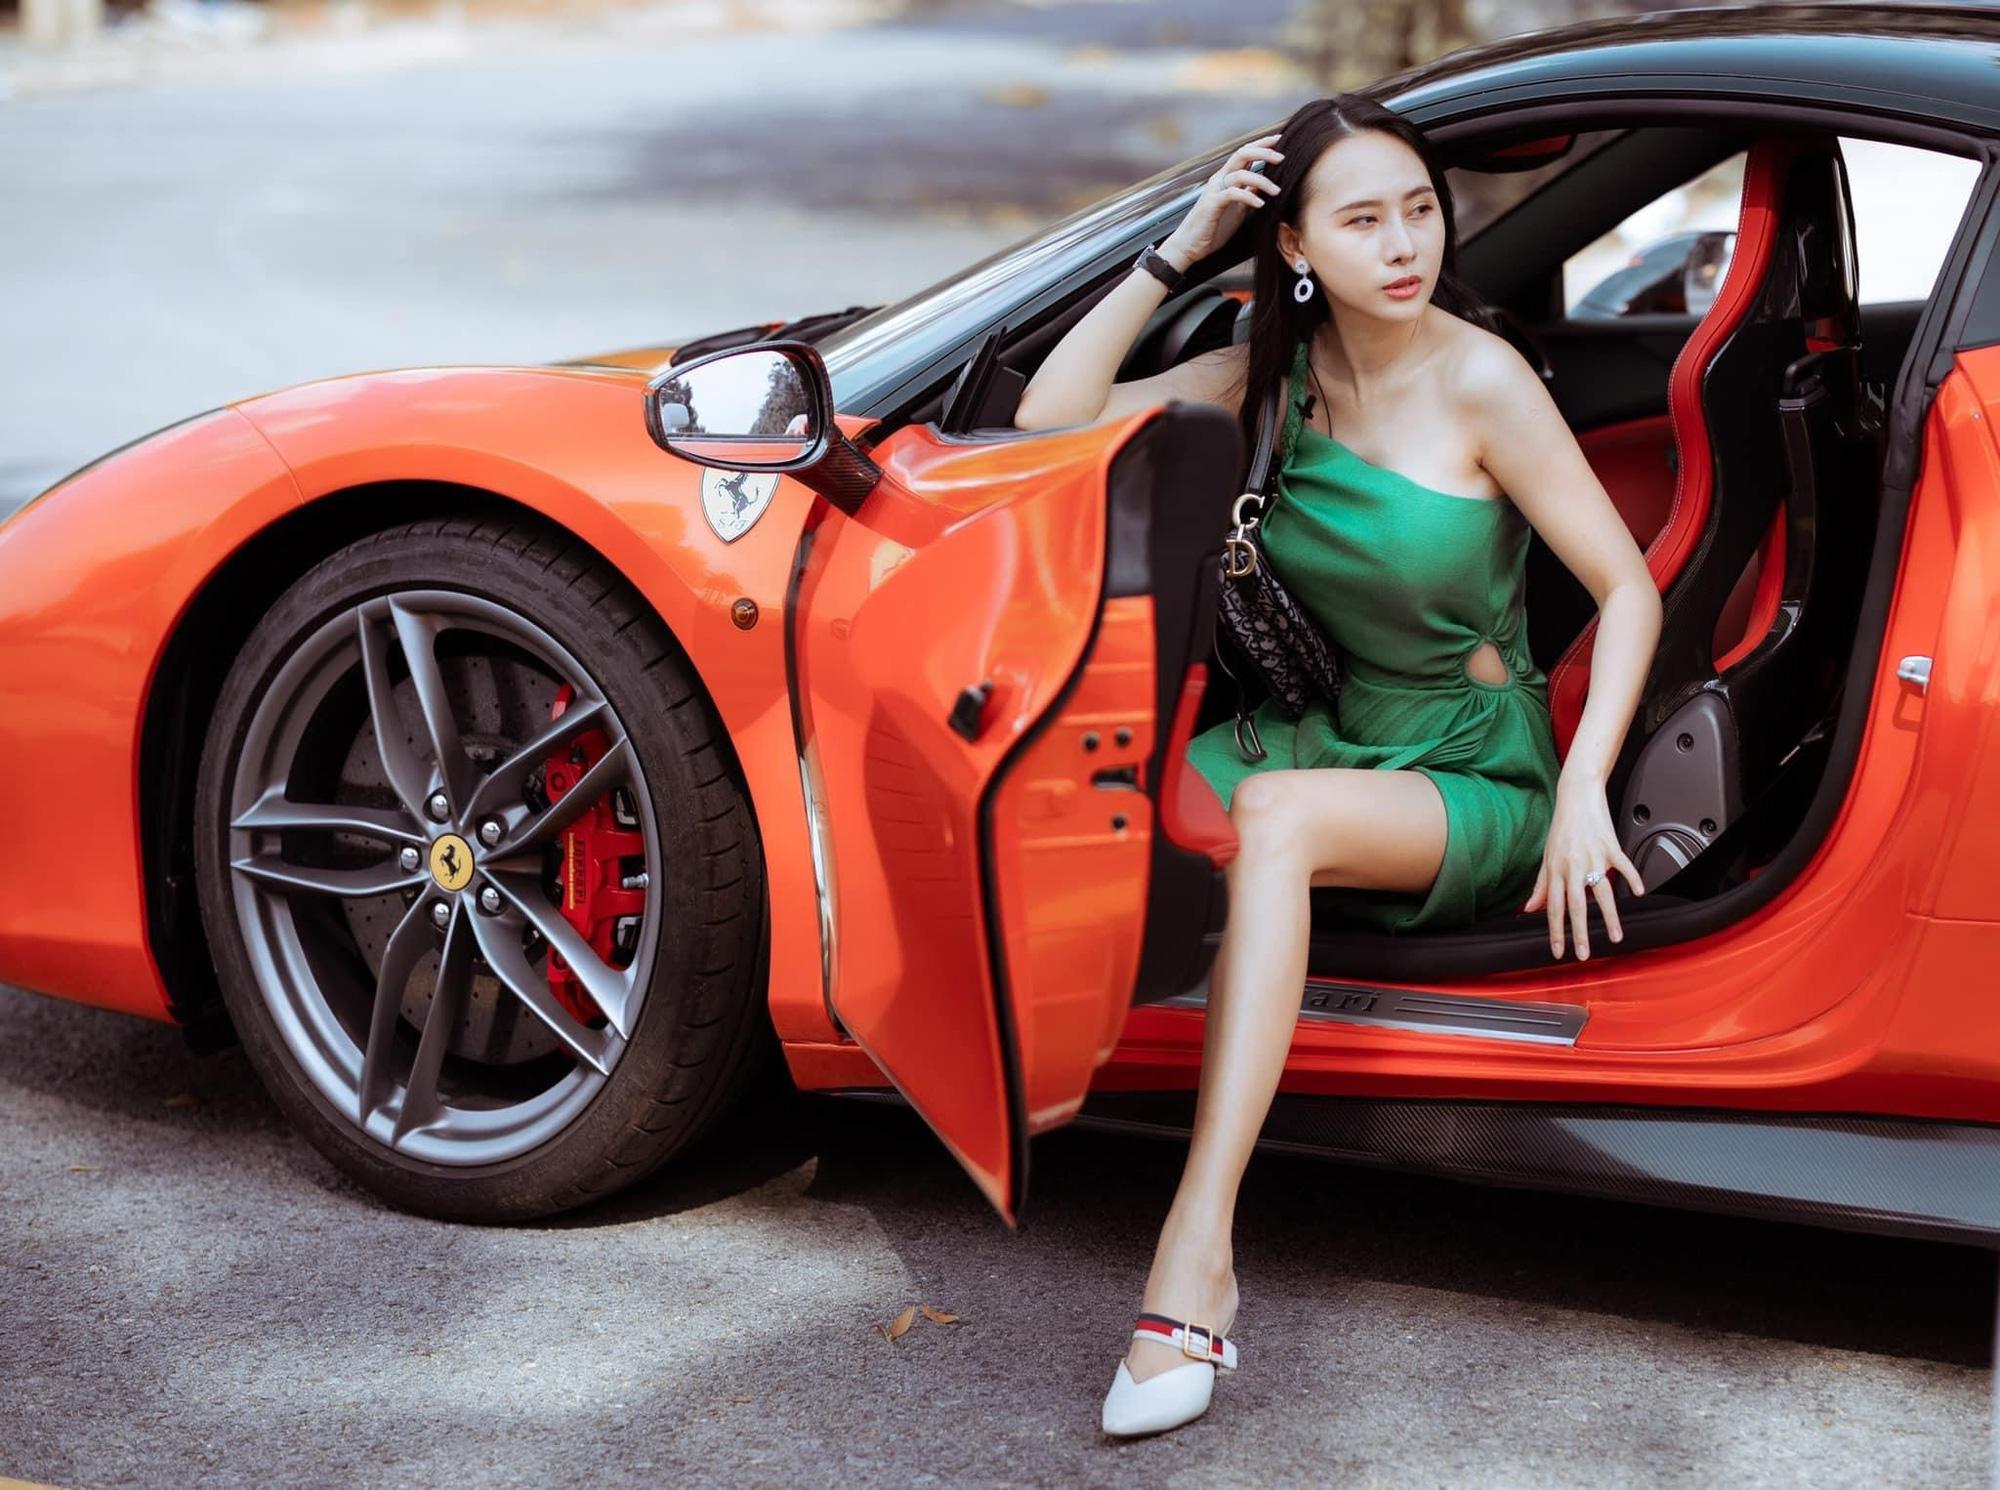 Nguyễn Cao Kim Anh - Nữ đại gia tặng chồng siêu xe và hé lộ khối tài sản trăm tỷ - Ảnh 1.